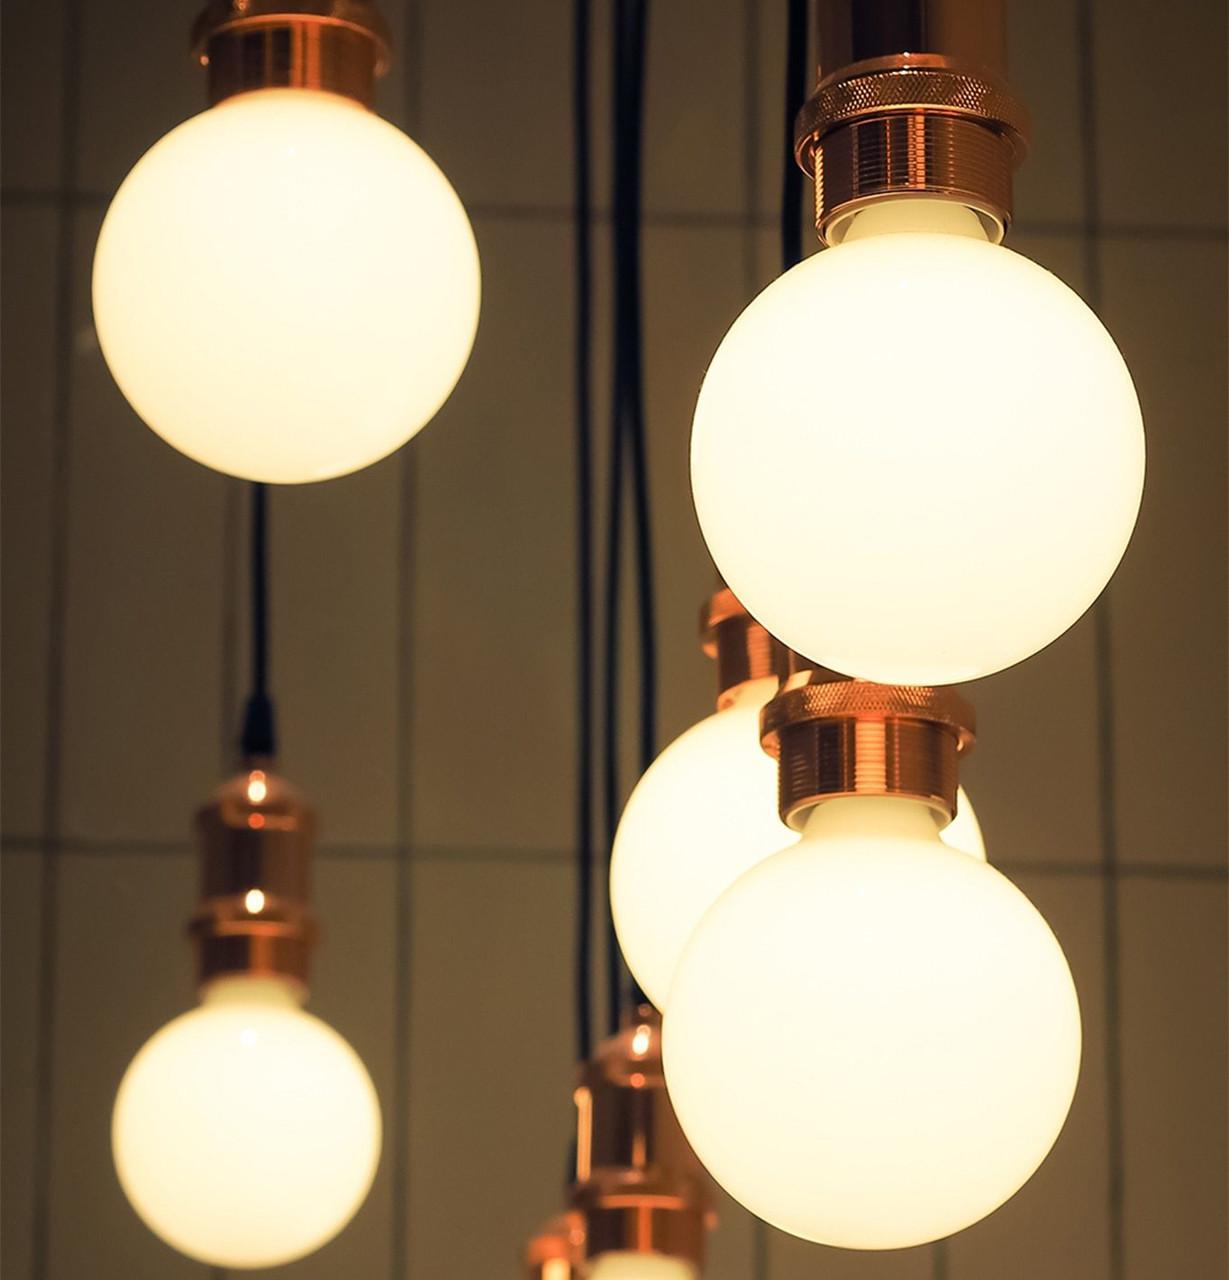 LED Dimmable G125 ES-E27 Light Bulbs